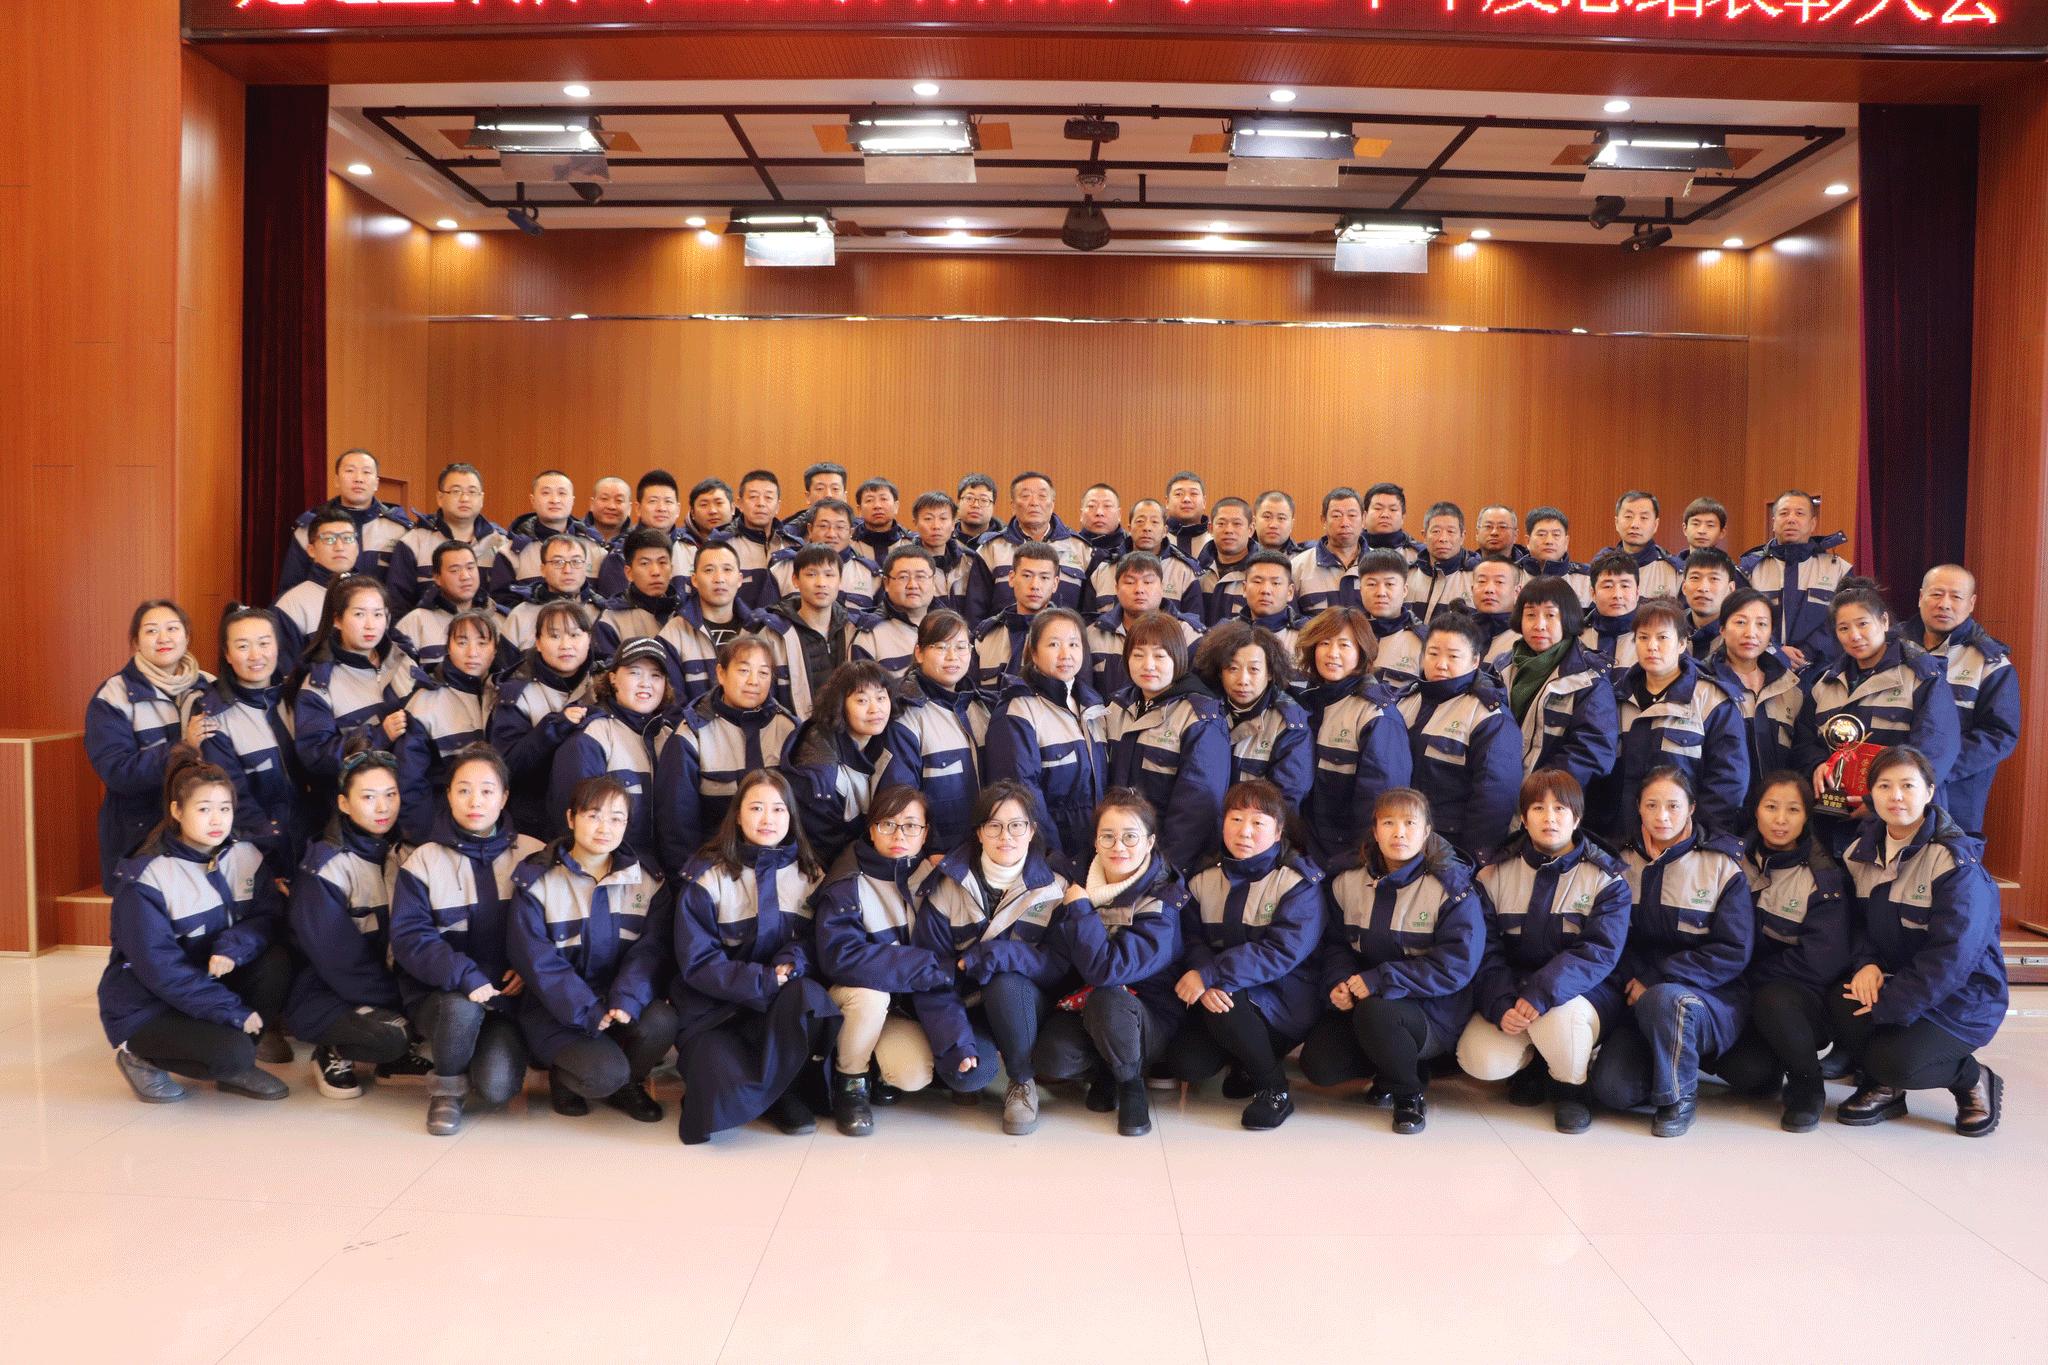 2019年延边宝利祥蜂业股份有限公司面向全国启动合伙人招募